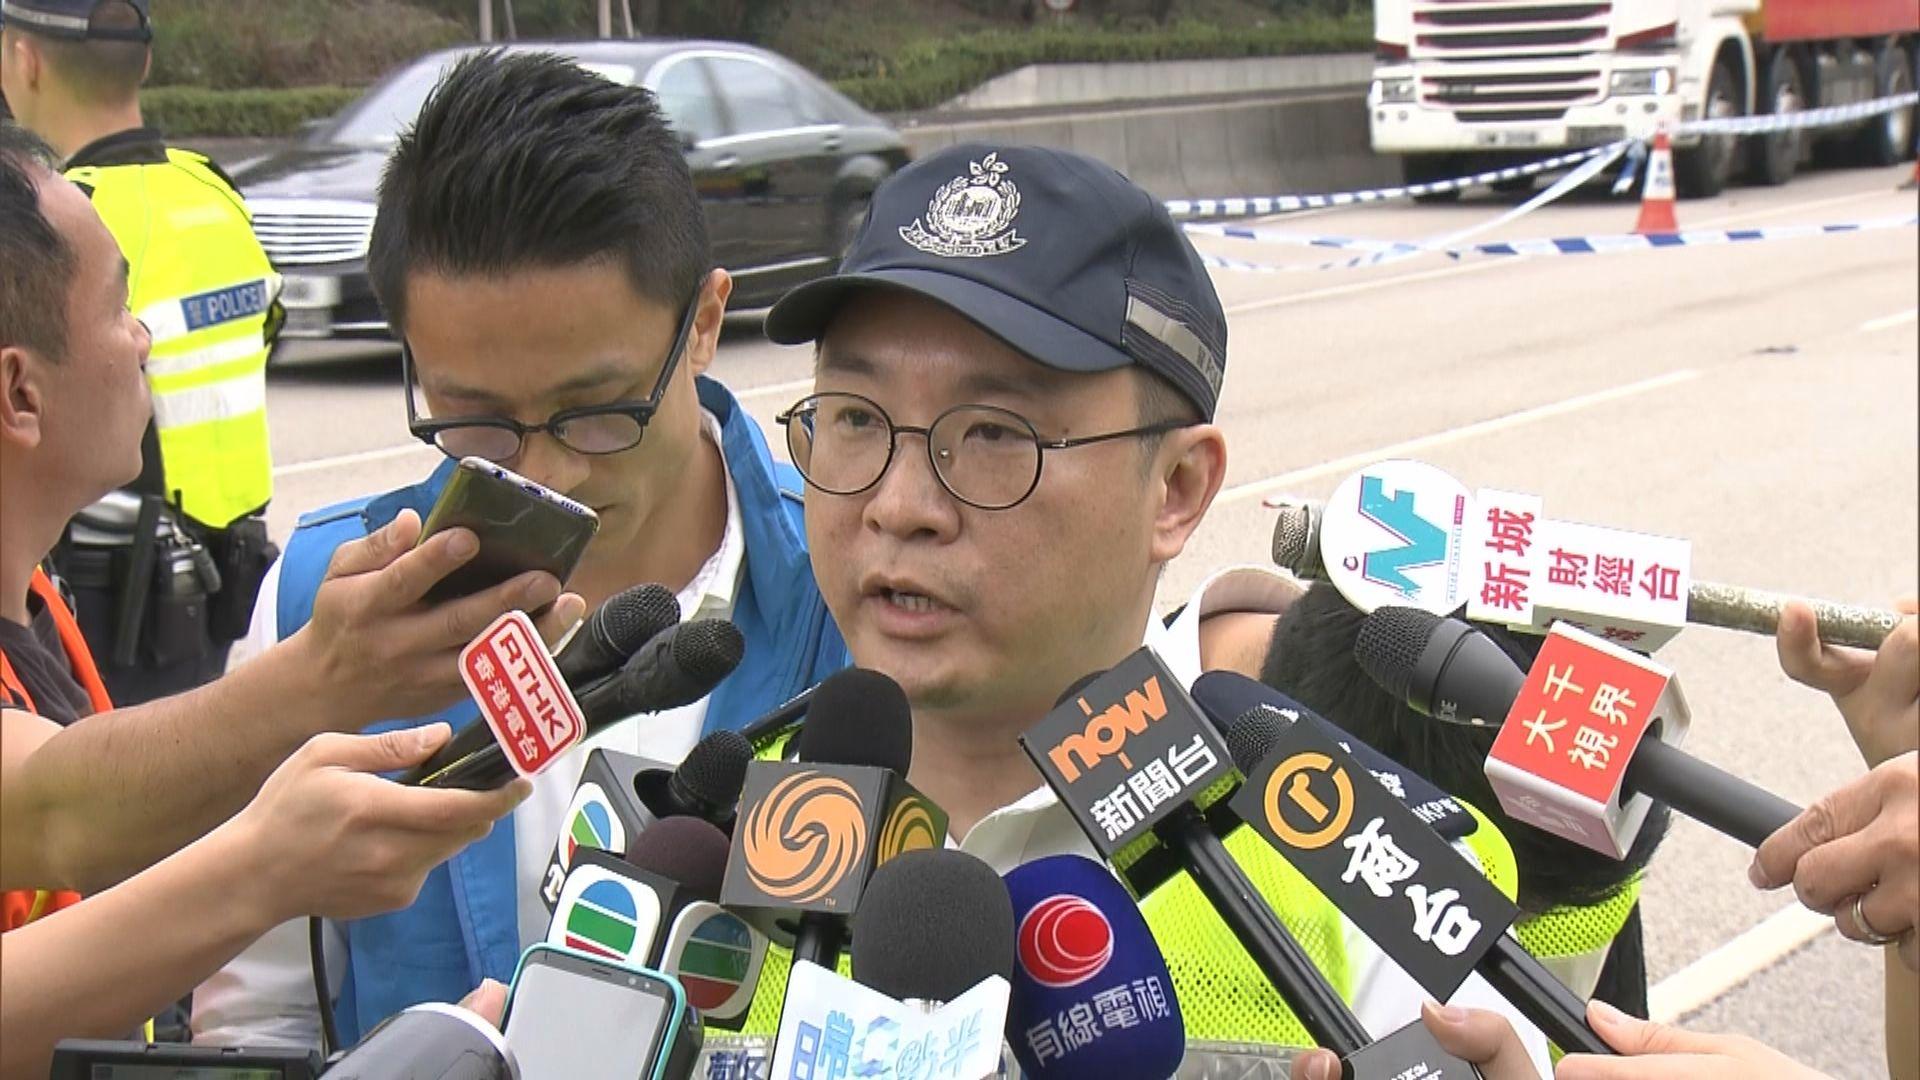 【最新】西九龍兩死車禍 警指城巴未煞車直撞故障貨車